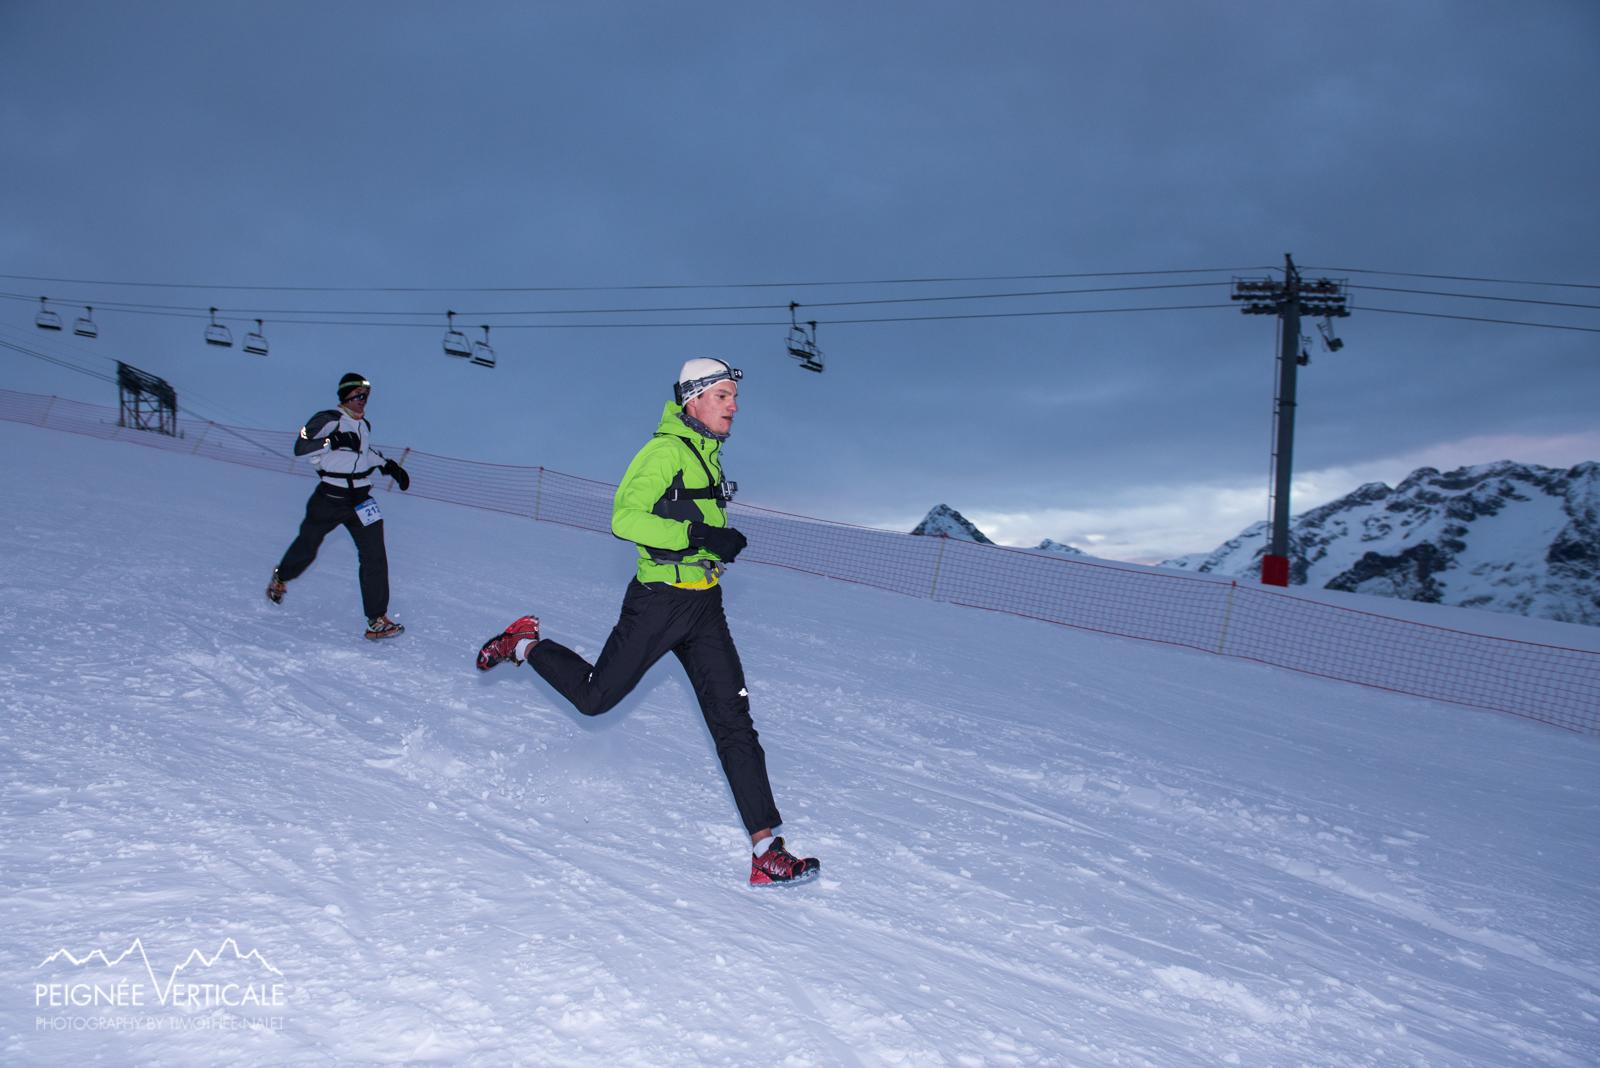 Timothée-Nalet-Le Dauphiné-Snow Trail Lafuma-5897.jpg